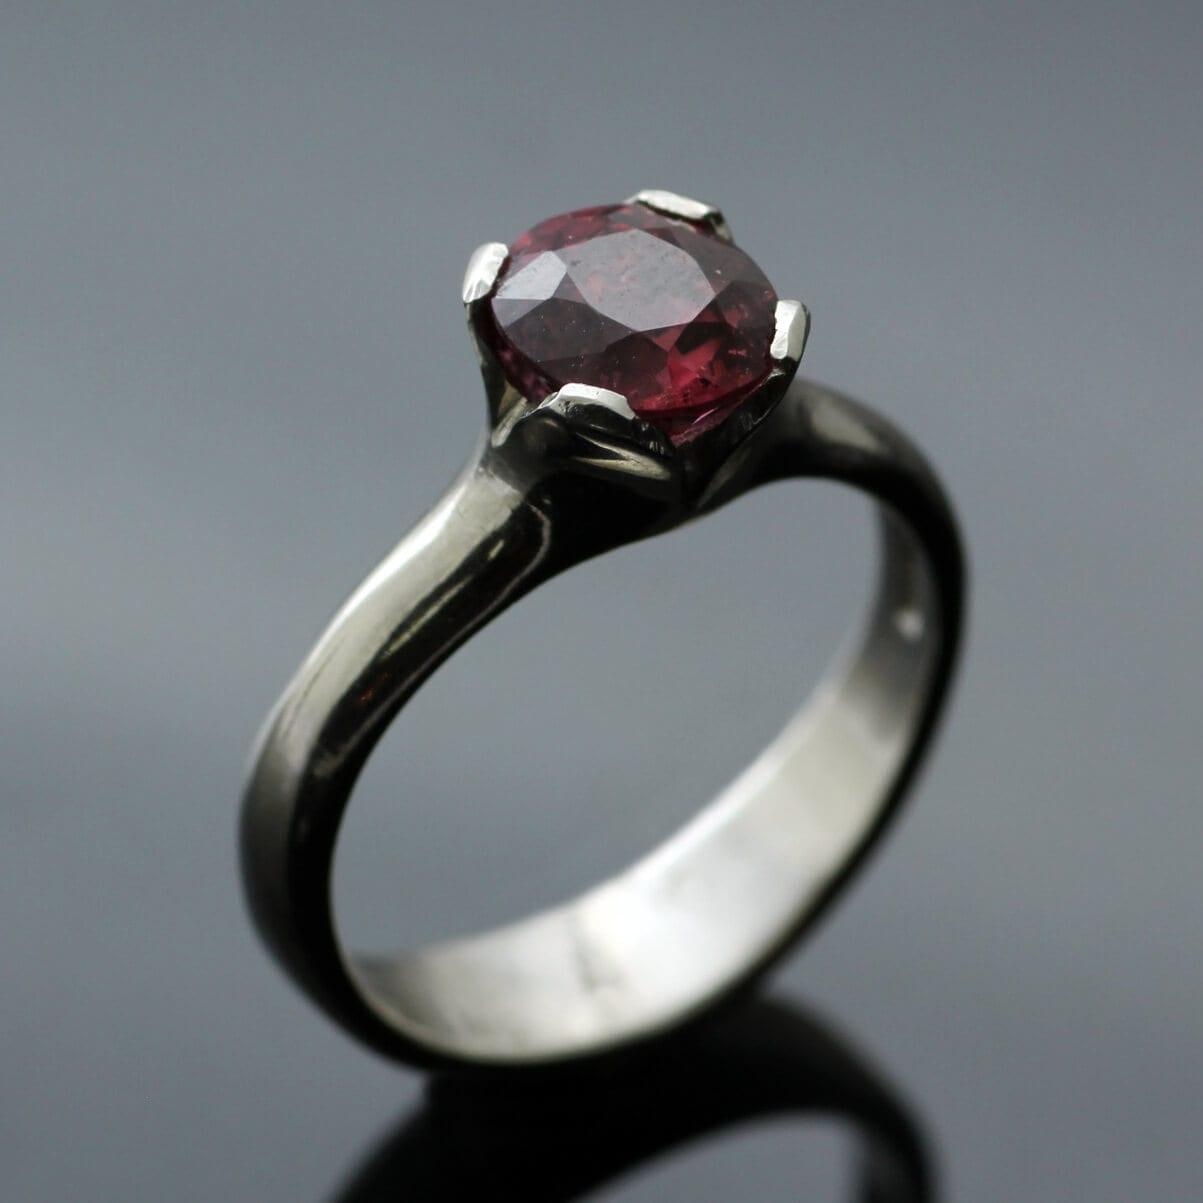 Peach Spinel set in Palladium modern Flower engagement ring